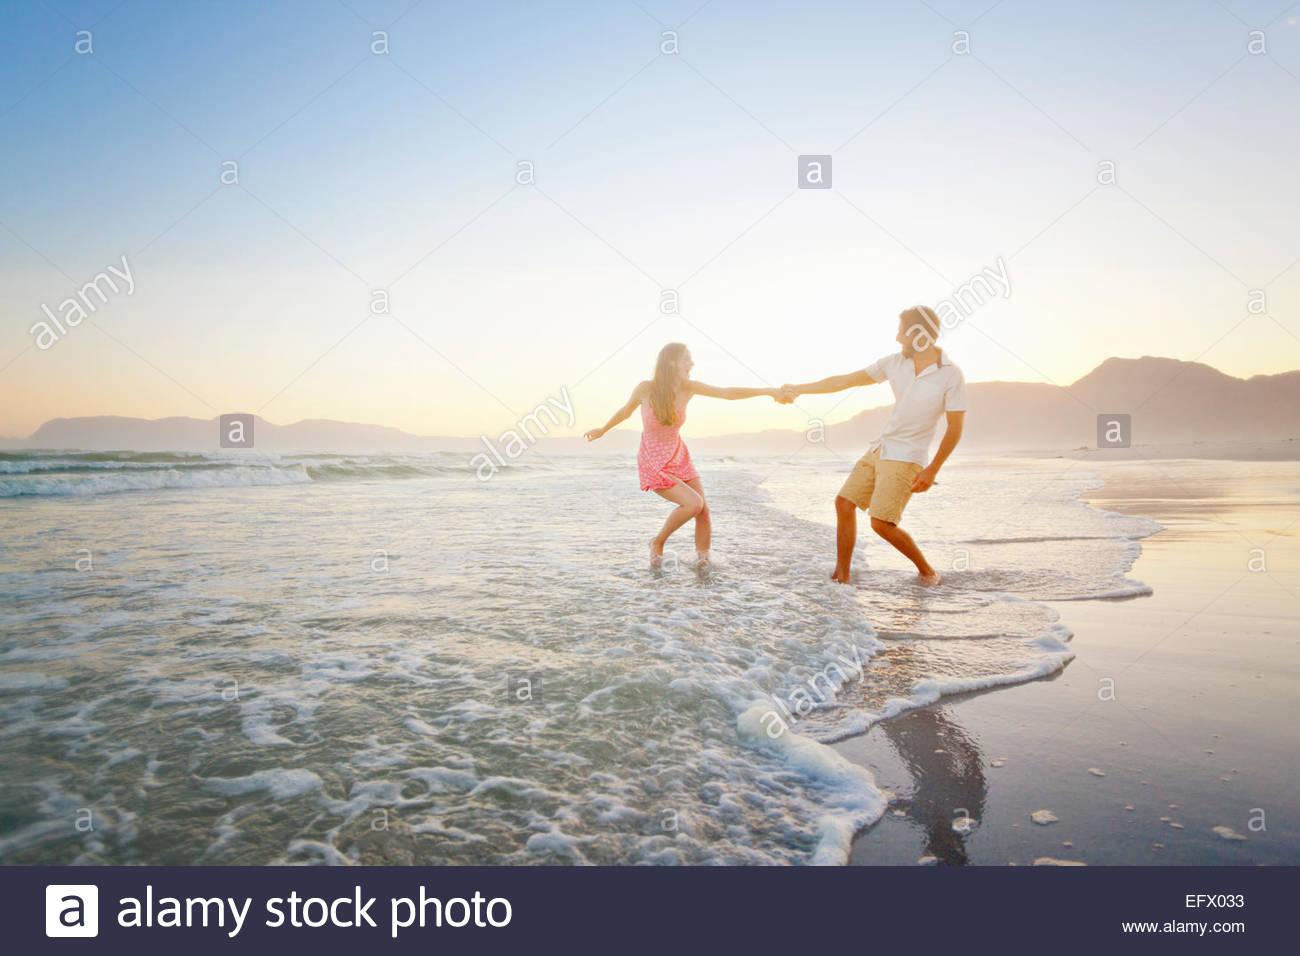 Paar, Hand in Hand, spielerisch zu Fuß durch Wellen am Sonnenstrand Stockfoto